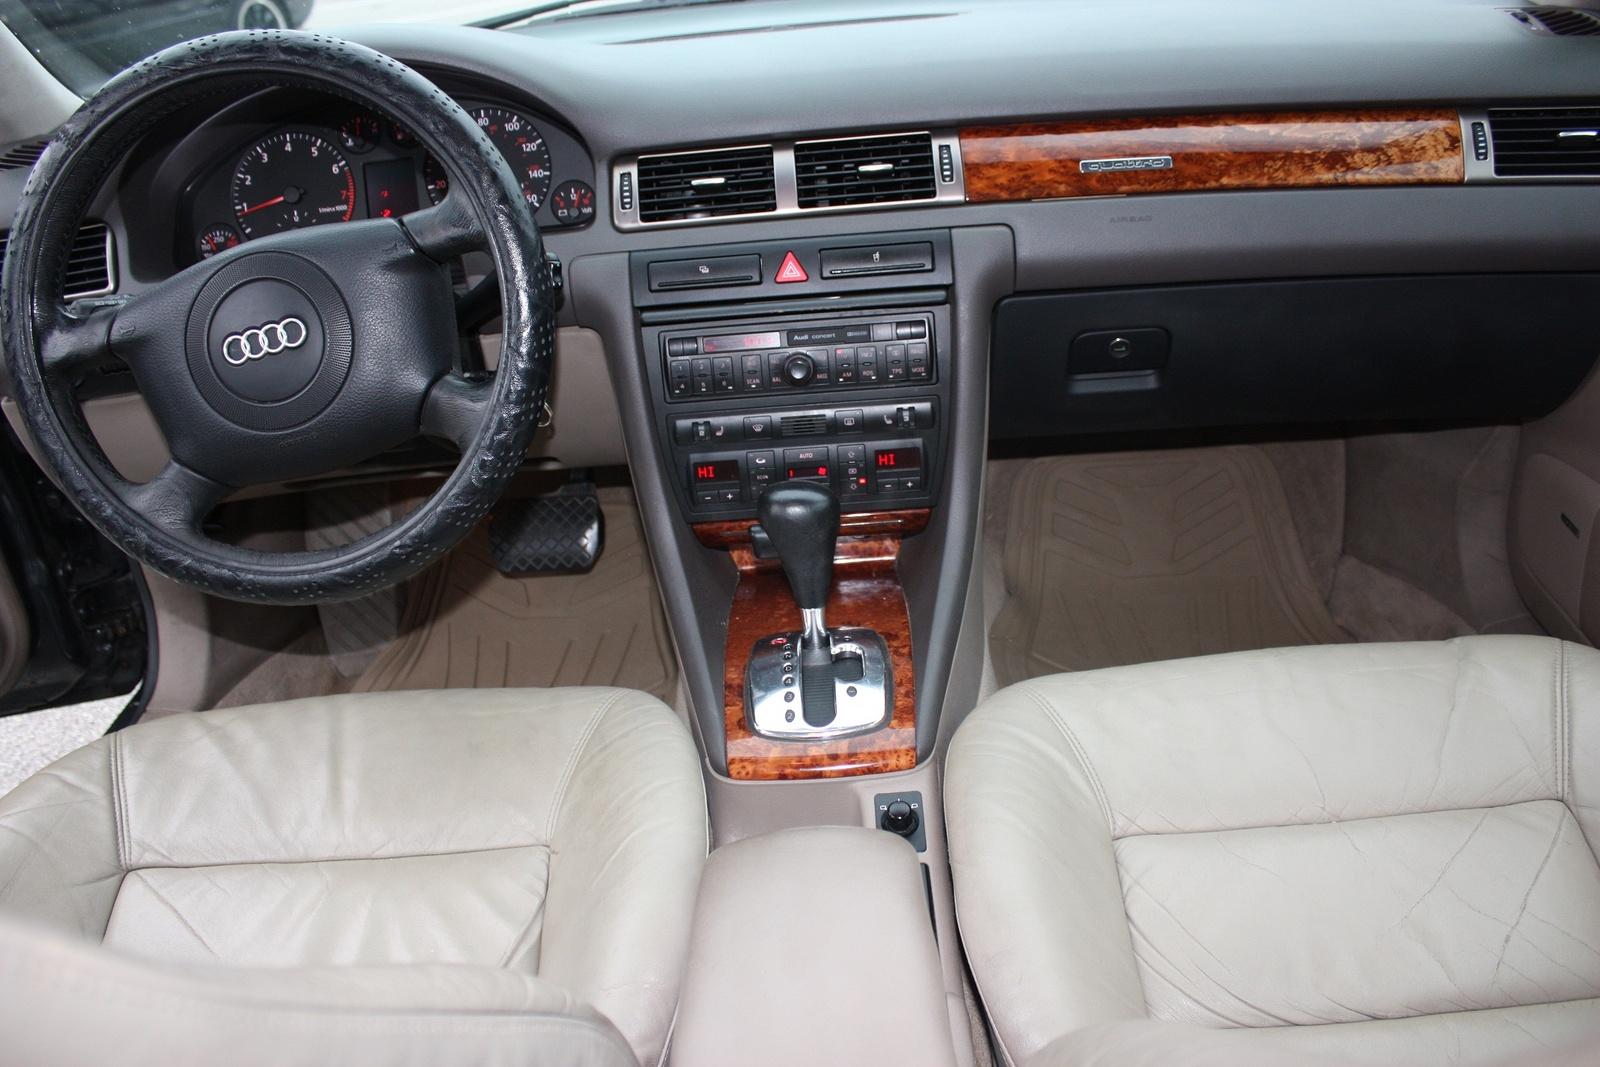 1999 Audi A6 Pictures Cargurus